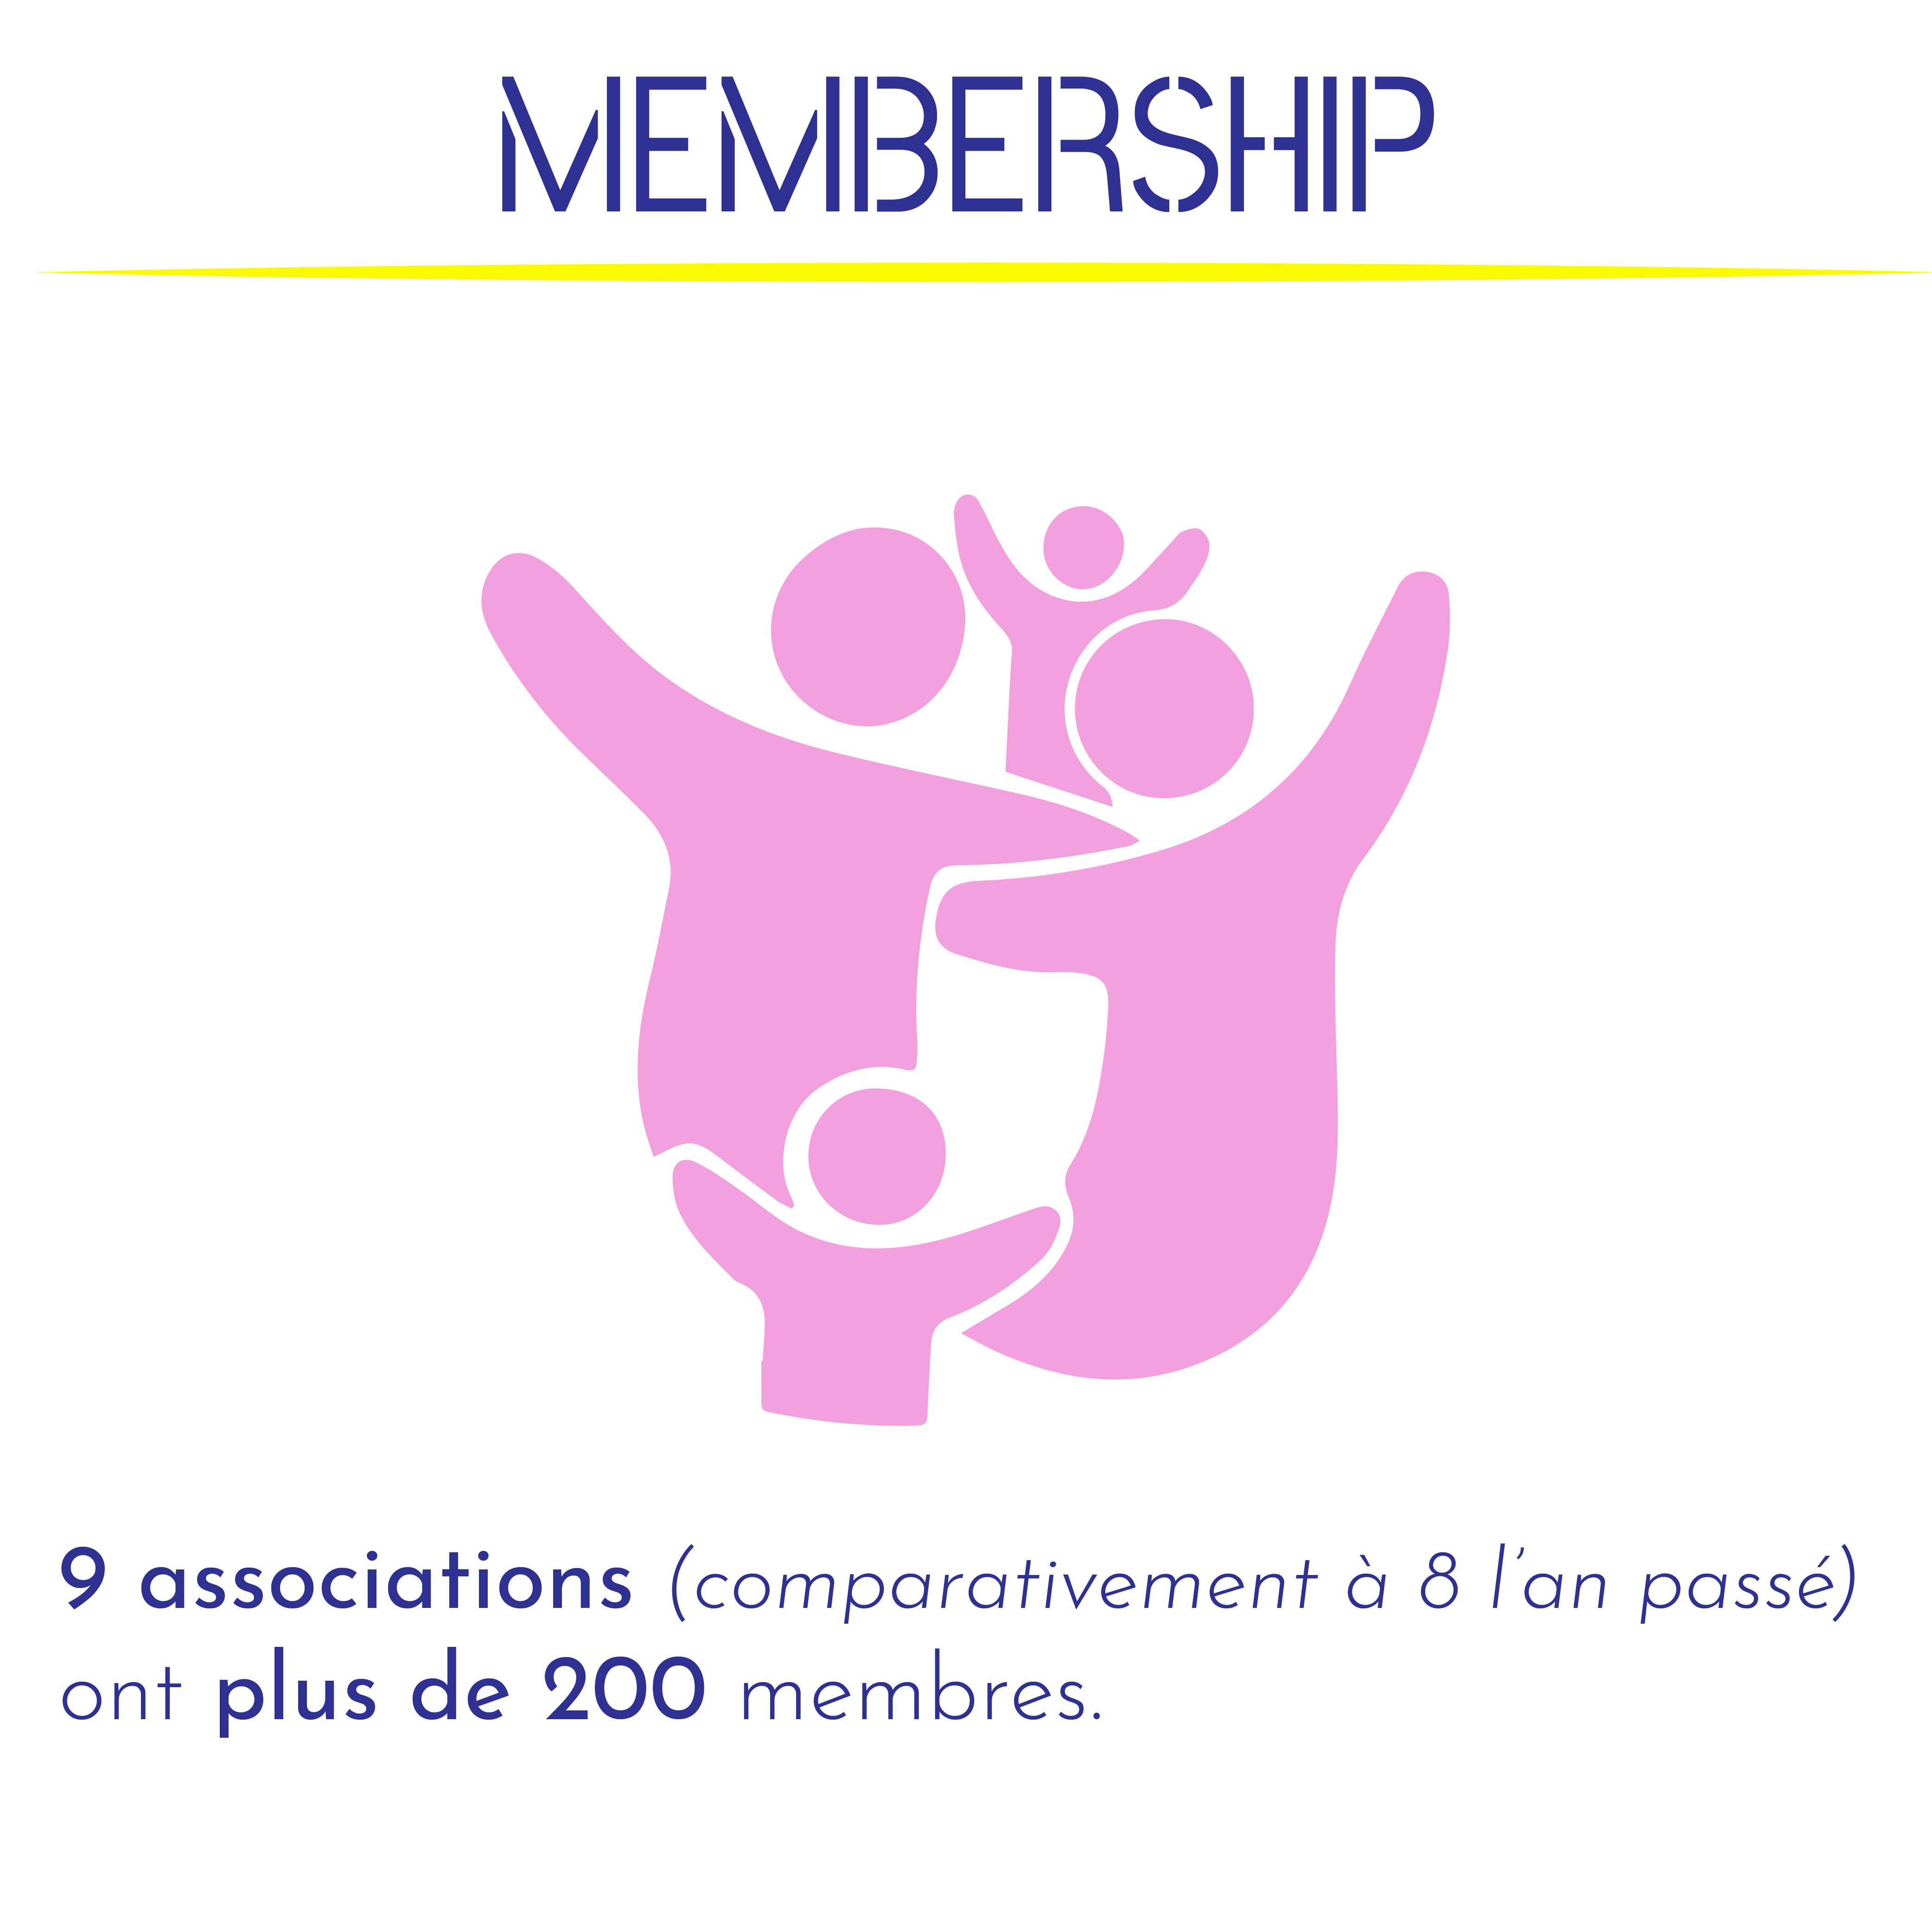 9 associations (comparativement à 8 l'an passé) ont plus de 200 membres.